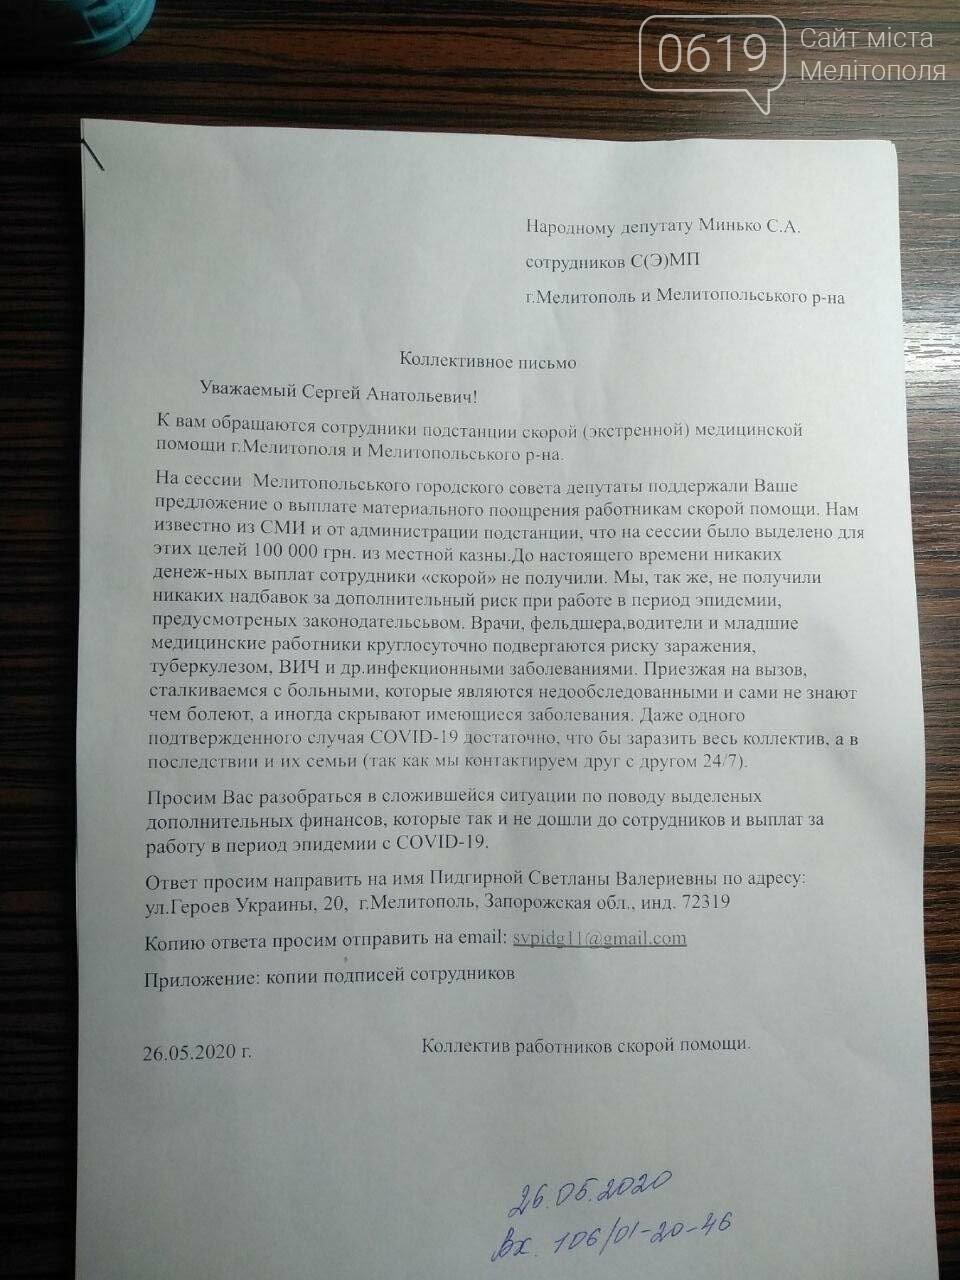 Мелитопольские медики возмущены тем, что остались без обещанных выплат, фото-1